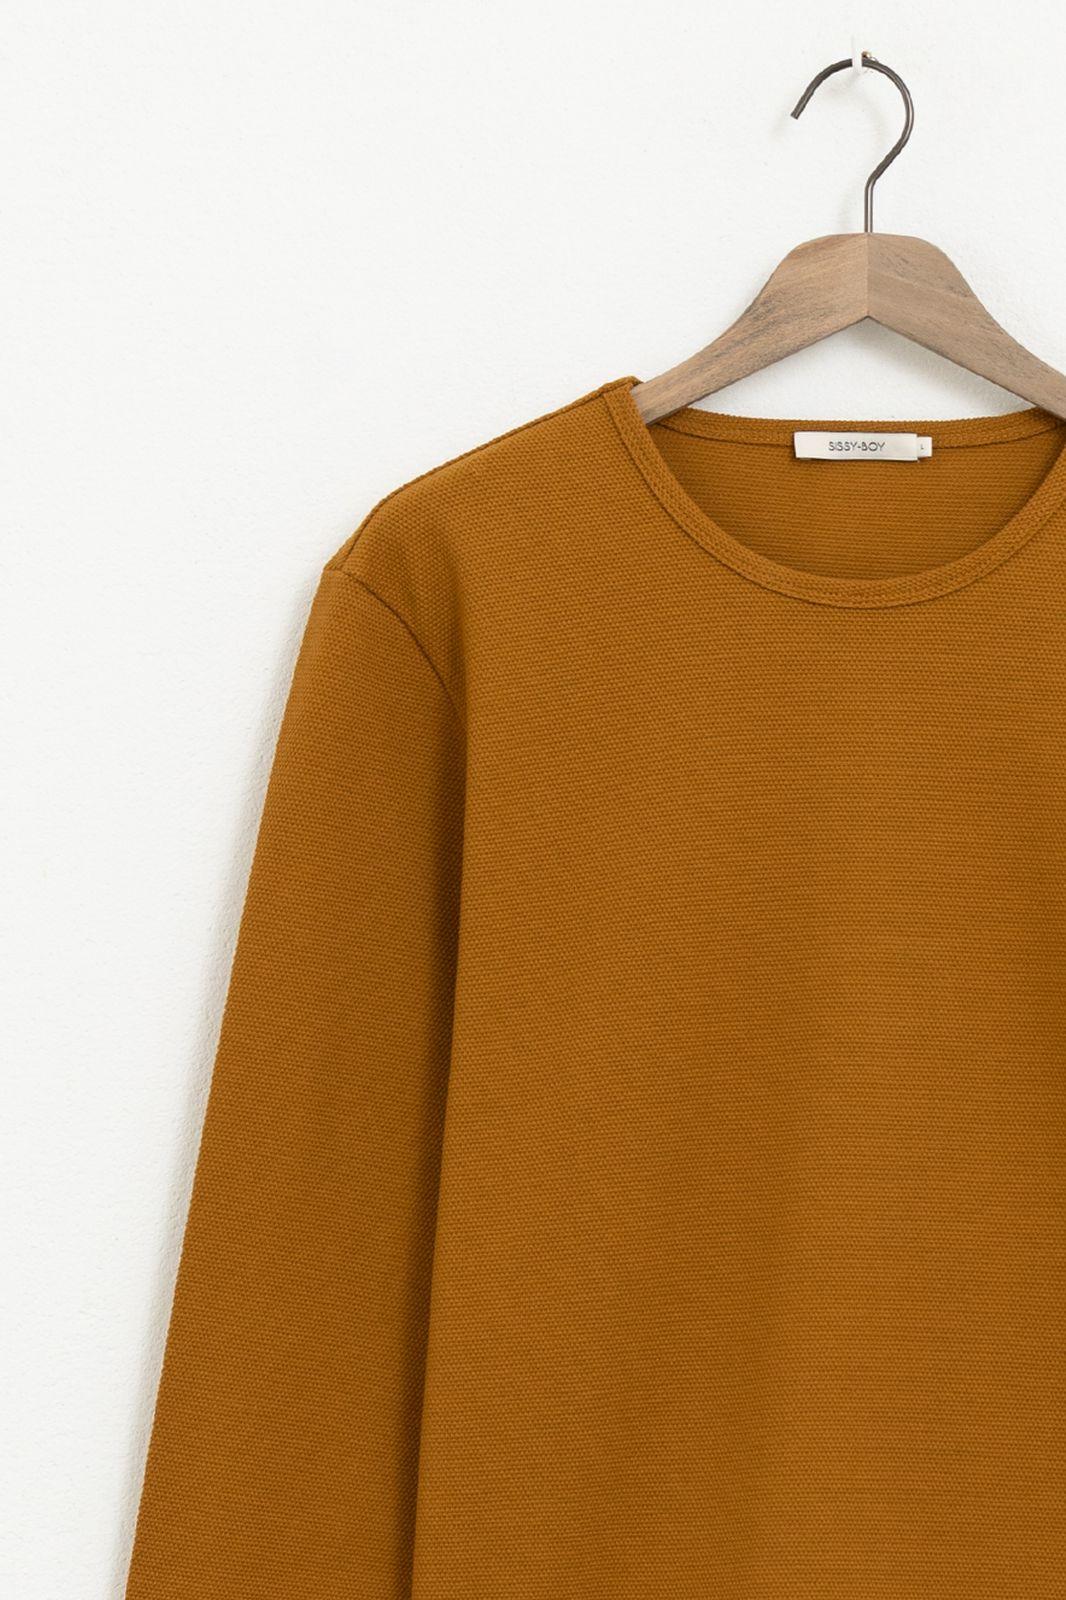 Bruin T-shirt structuur